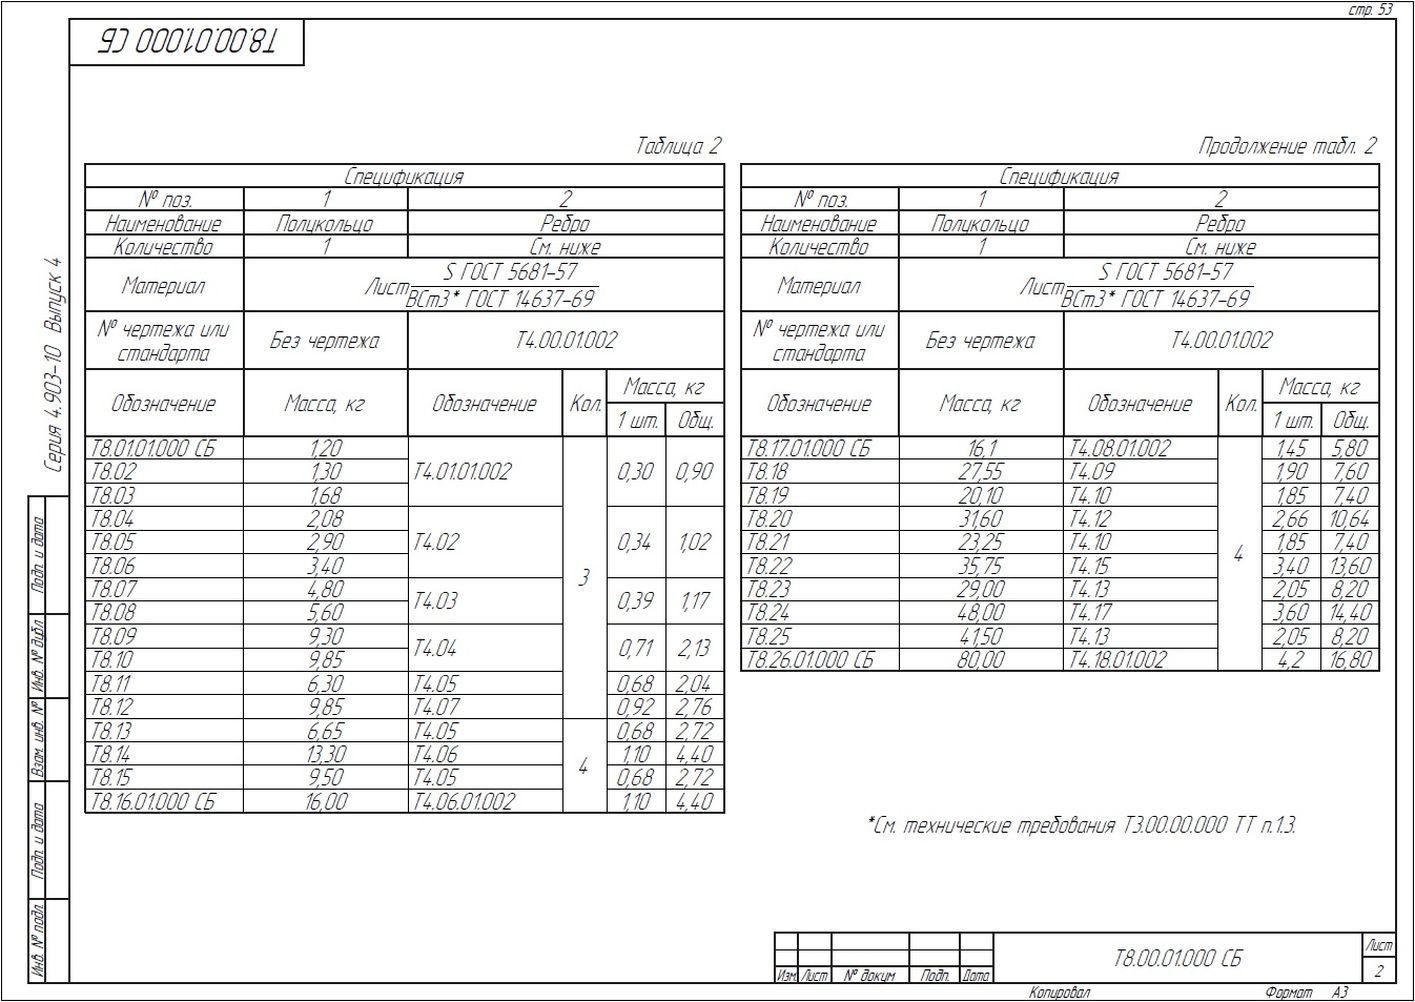 Опора неподвижная щитовая Т8 серия 4.903-10 вып.4 стр.7